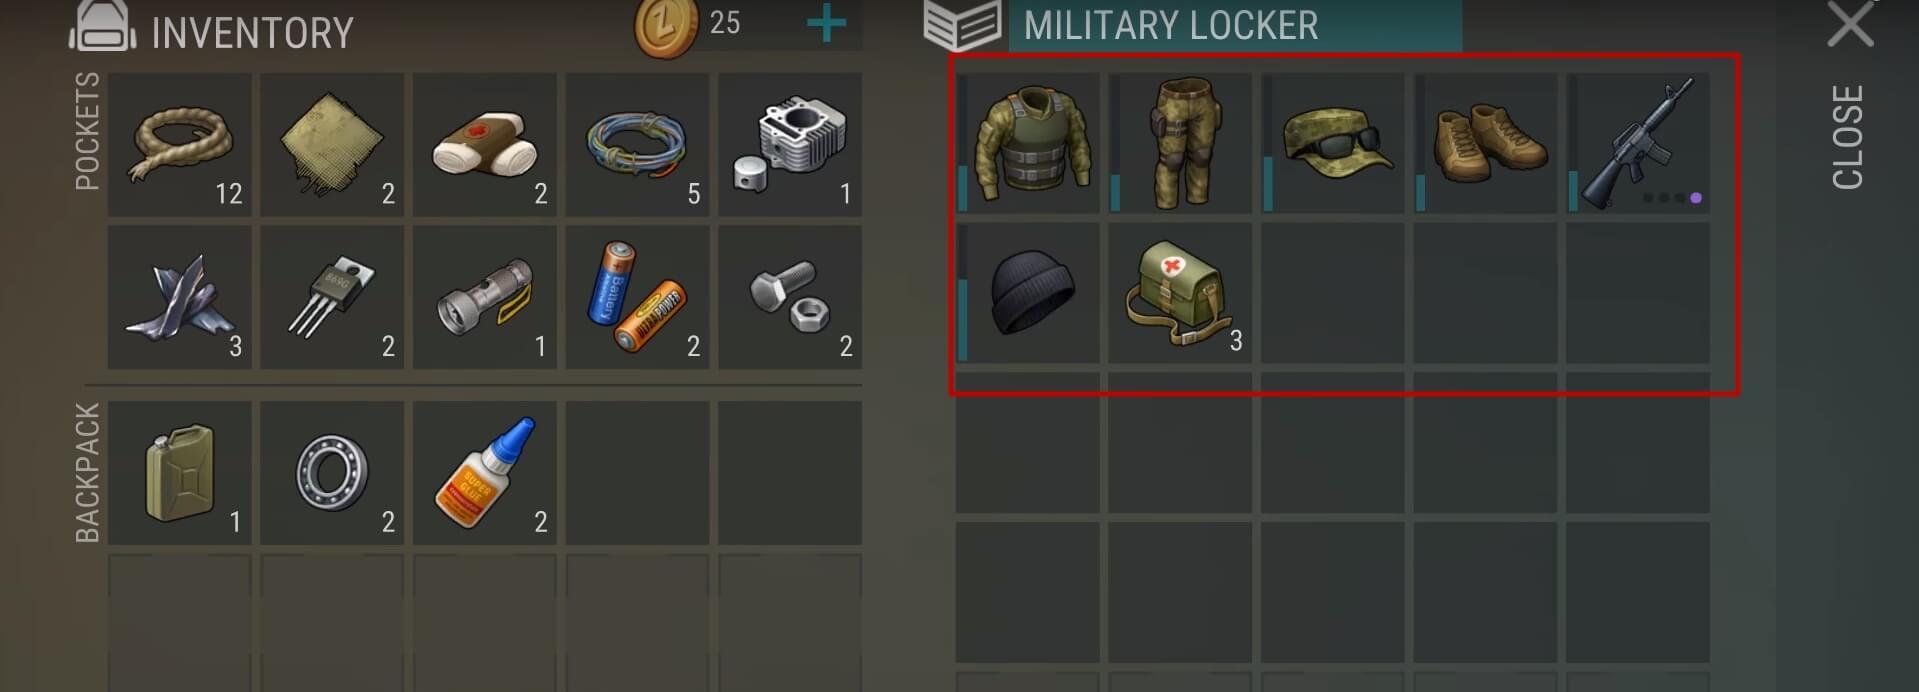 Одежда и автомат с ящика